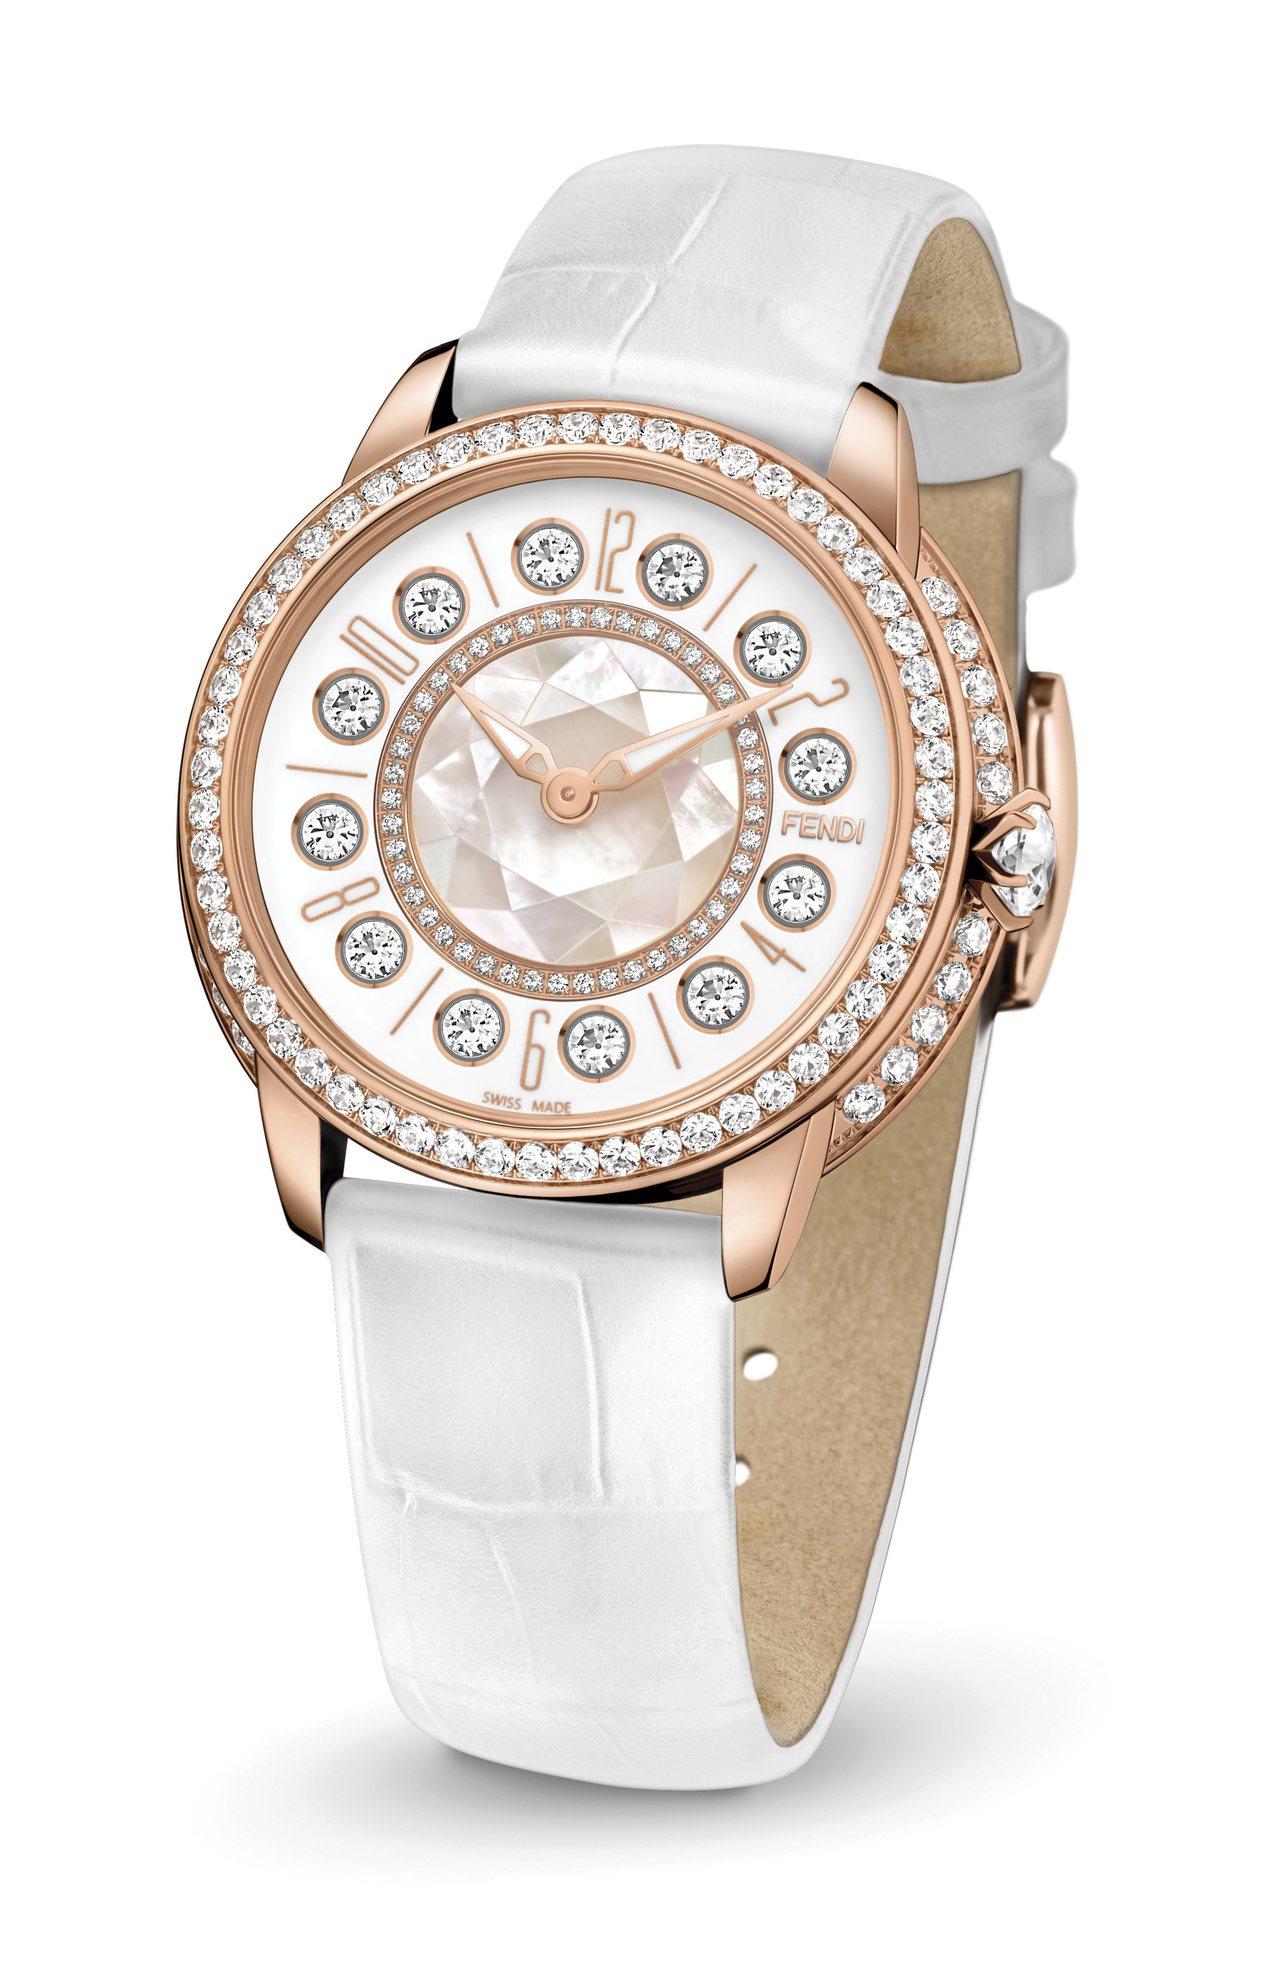 微風信義首賣的聖誕節系列IShine鱷魚皮手表,91萬8,000元。圖/Fend...